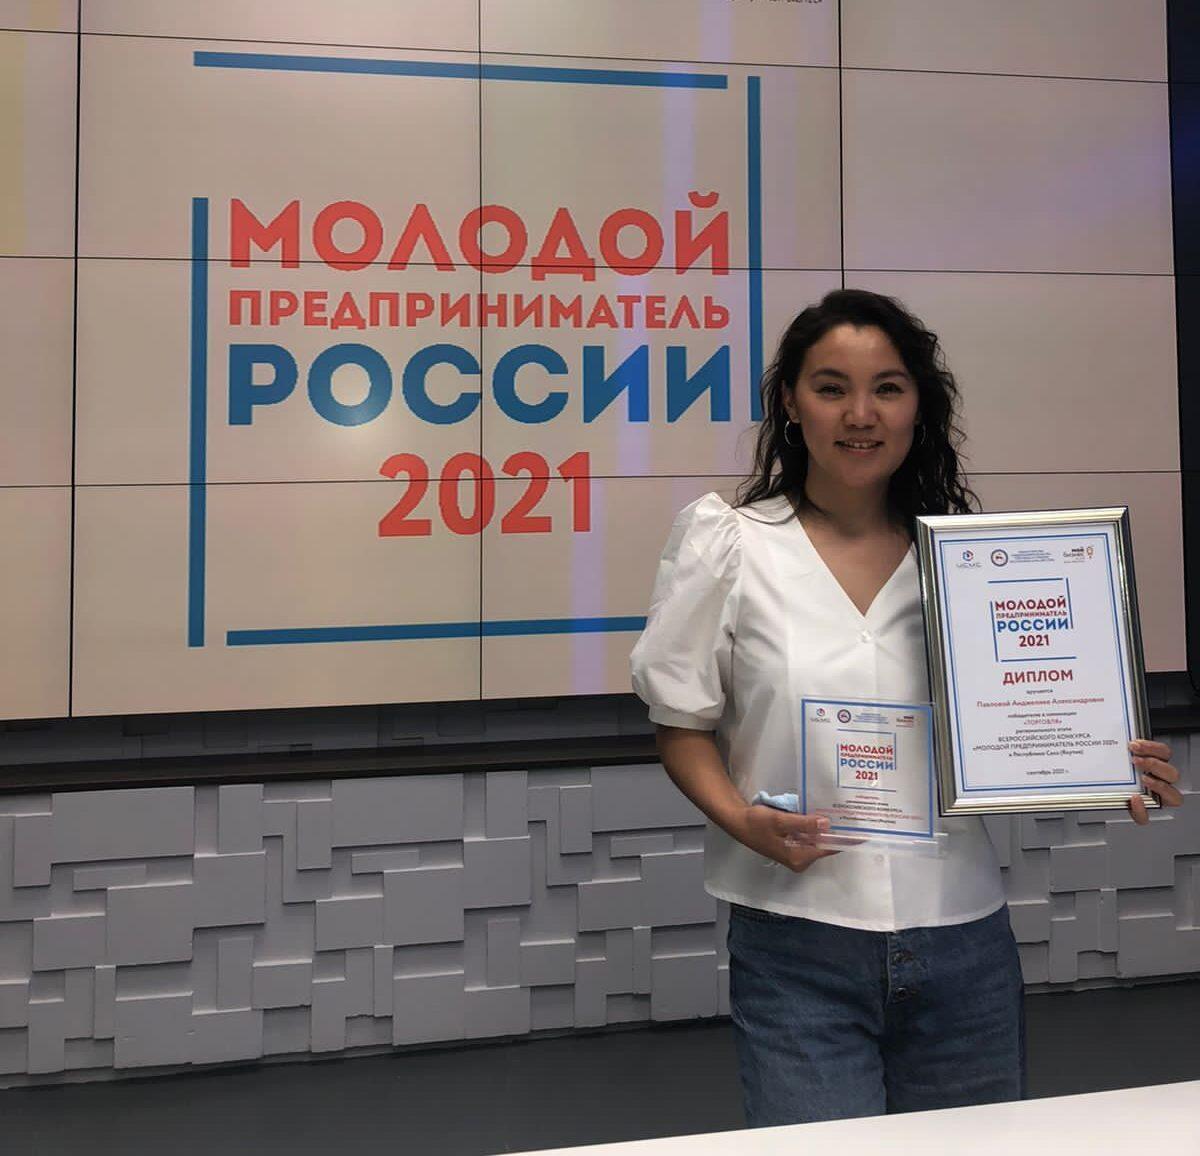 Мастерица из Якутии победила во Всероссийском конкурсе «Молодой предприниматель»